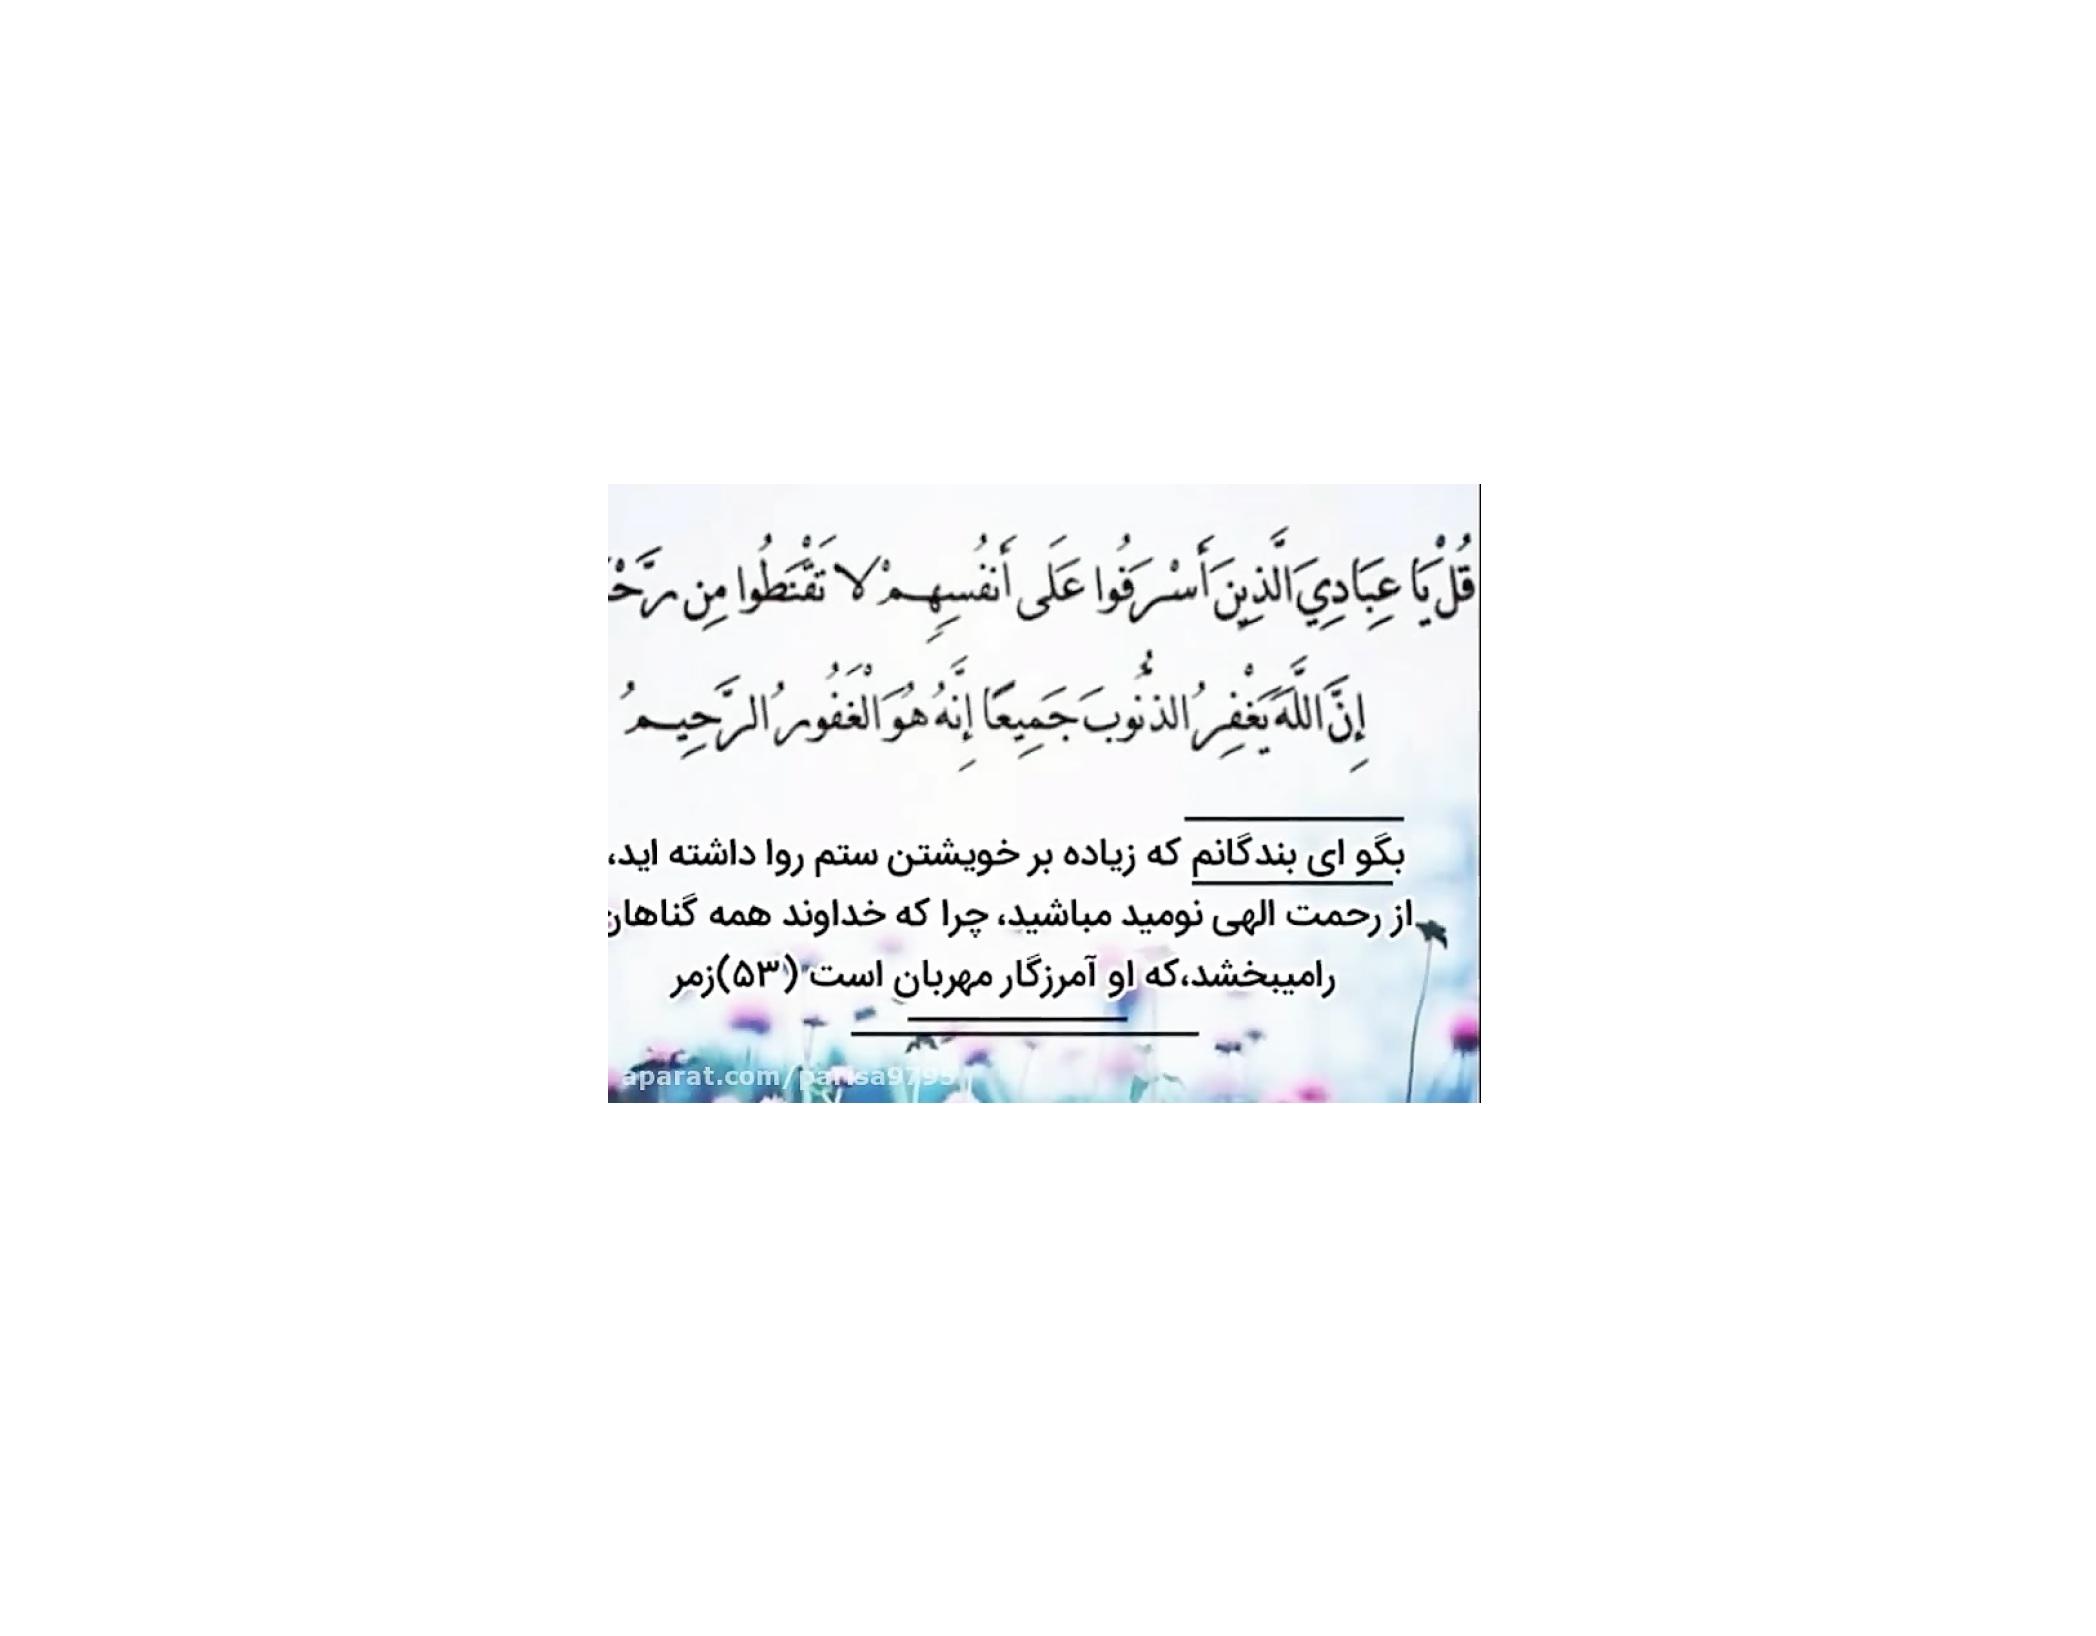 چرا باید با شنیدن صدای قرآن غممون بگیره؟!